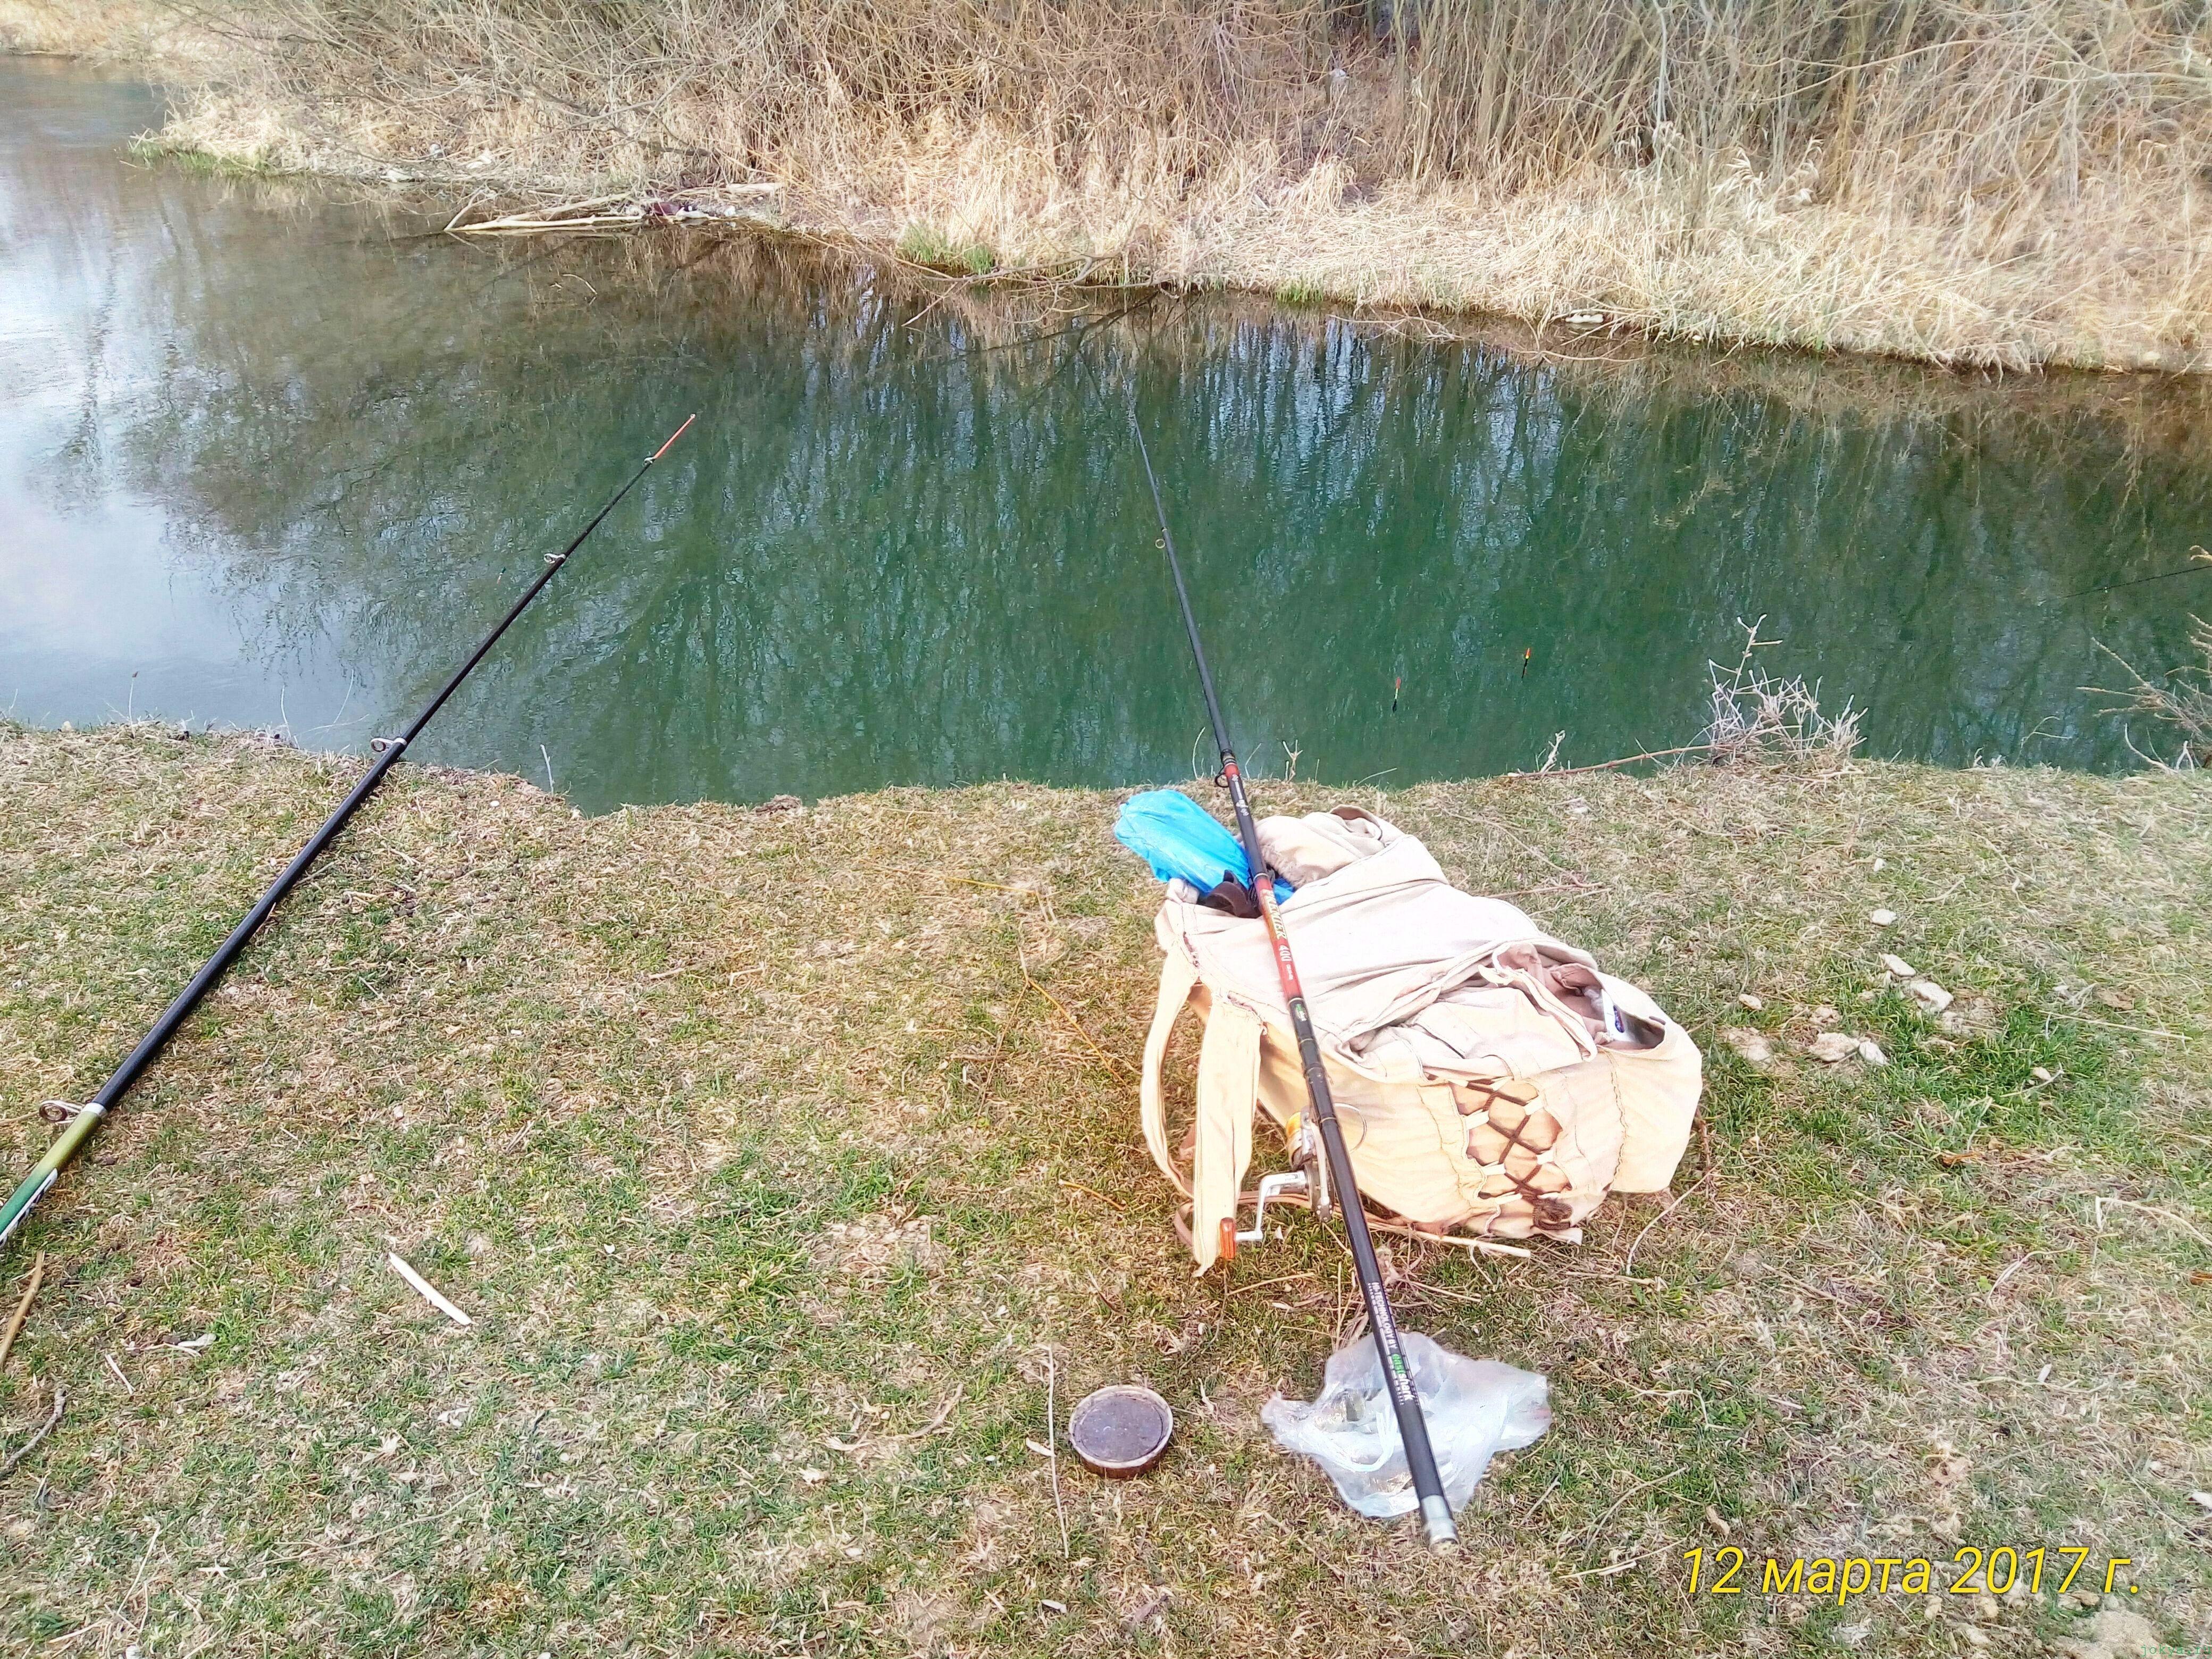 Где идет рыба в Крыму: Отчет о рыбалке за март 2017 фото заметка о моей реальности в Крыму jokya.ru